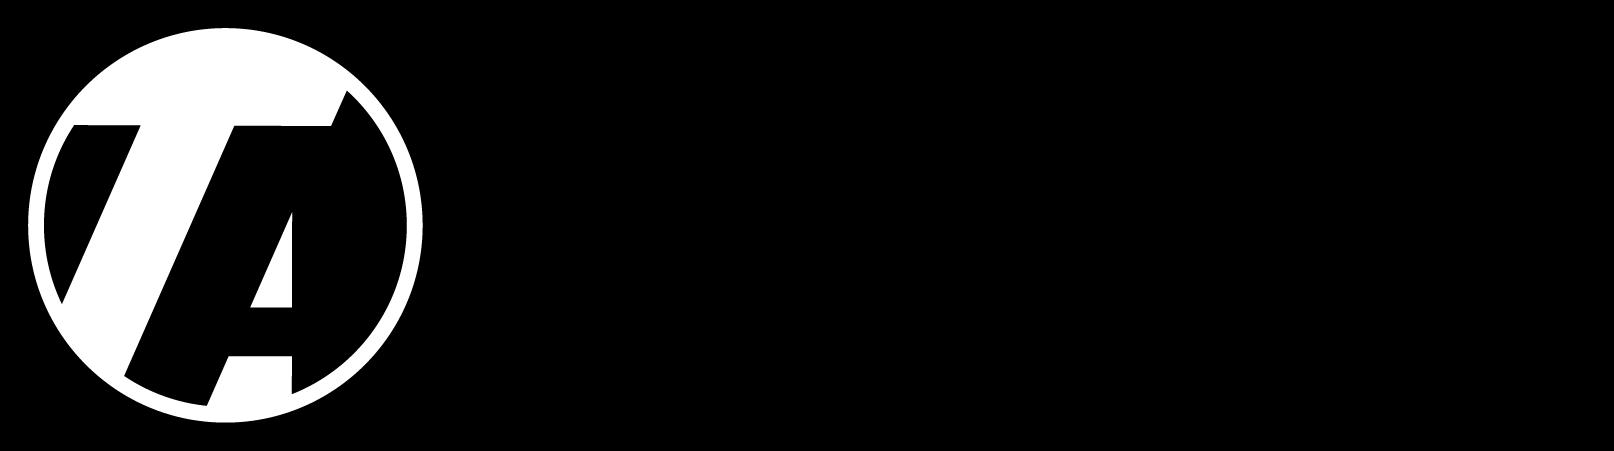 SFCTA Logo.png